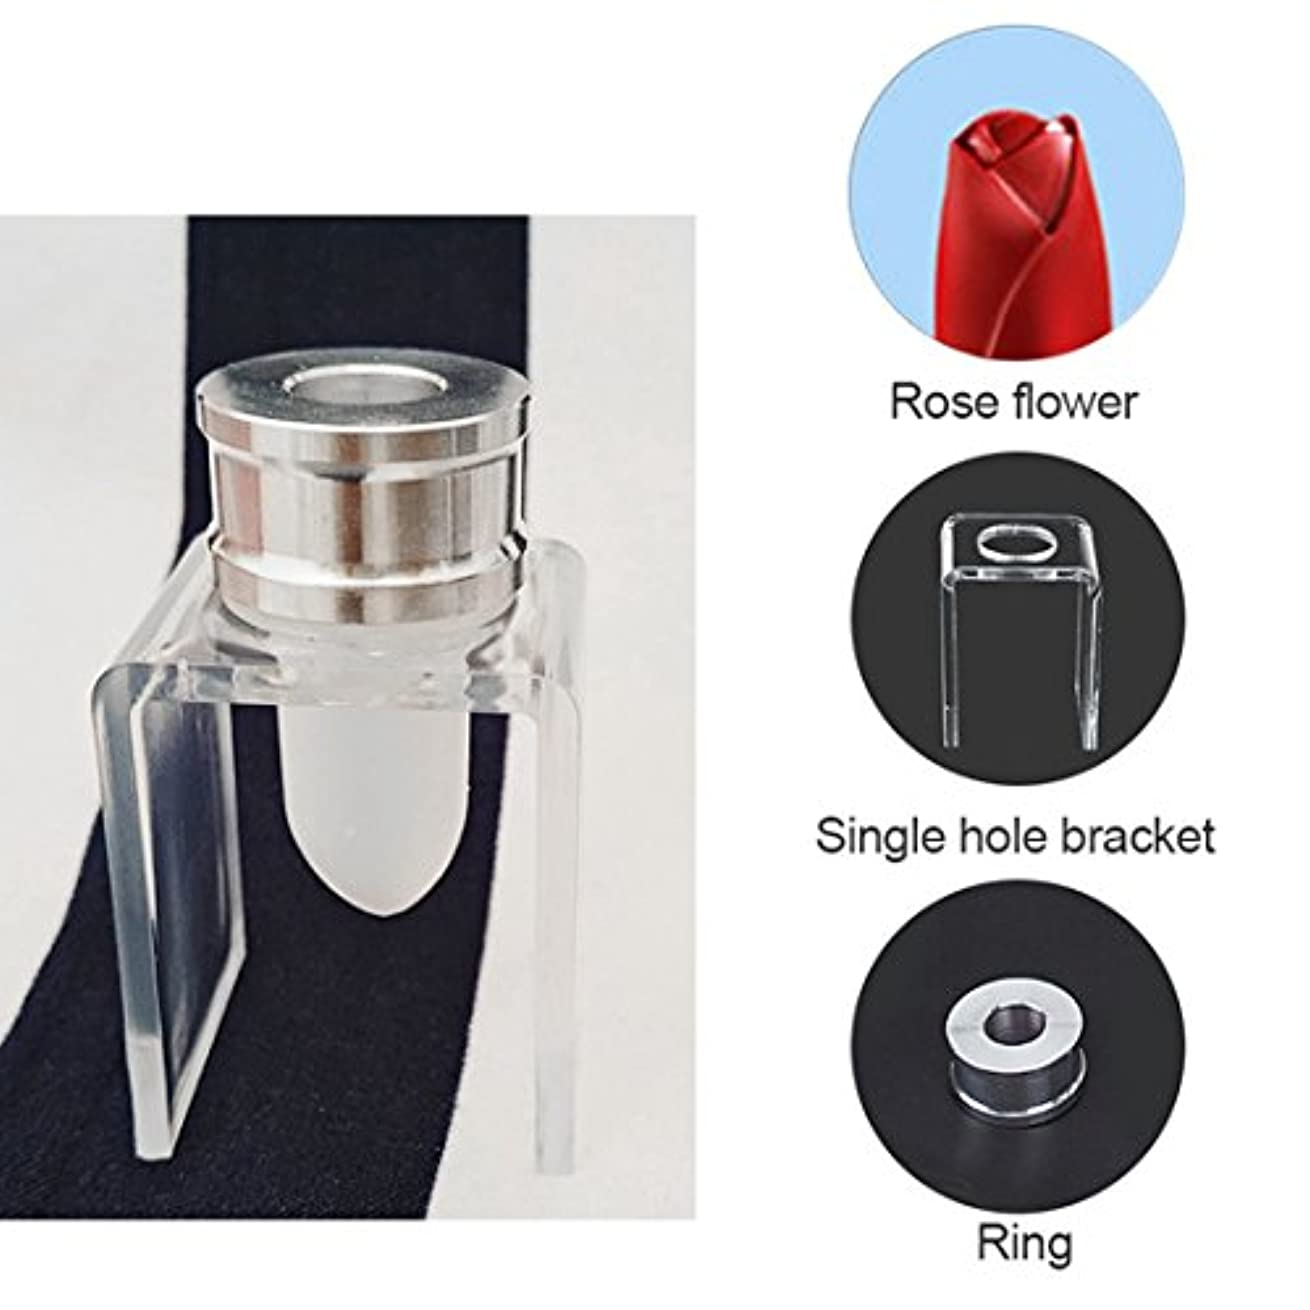 販売員メイド一方、SODIAL 3セット DIY 12.1mm シンプルな口紅の充填チューブ シリコーン金型 アルミリング シングルホールブラケット 手作りの口紅ツール シンプルなセット バラ